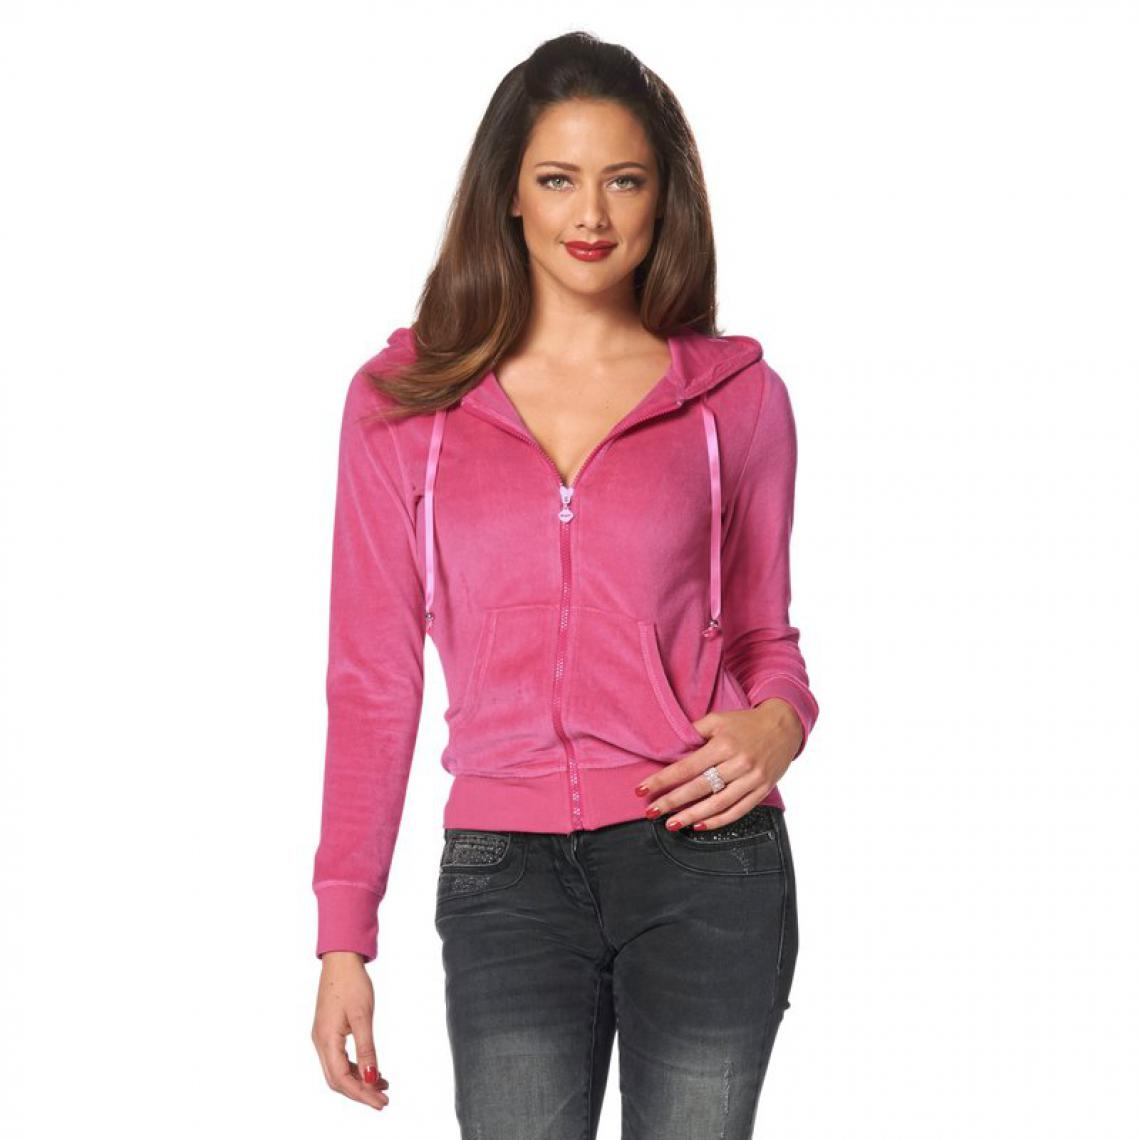 e5eafc249545 Sweat zippé à capuche en velours avec motif ailes en strass femme Mel - Rose  Melrose